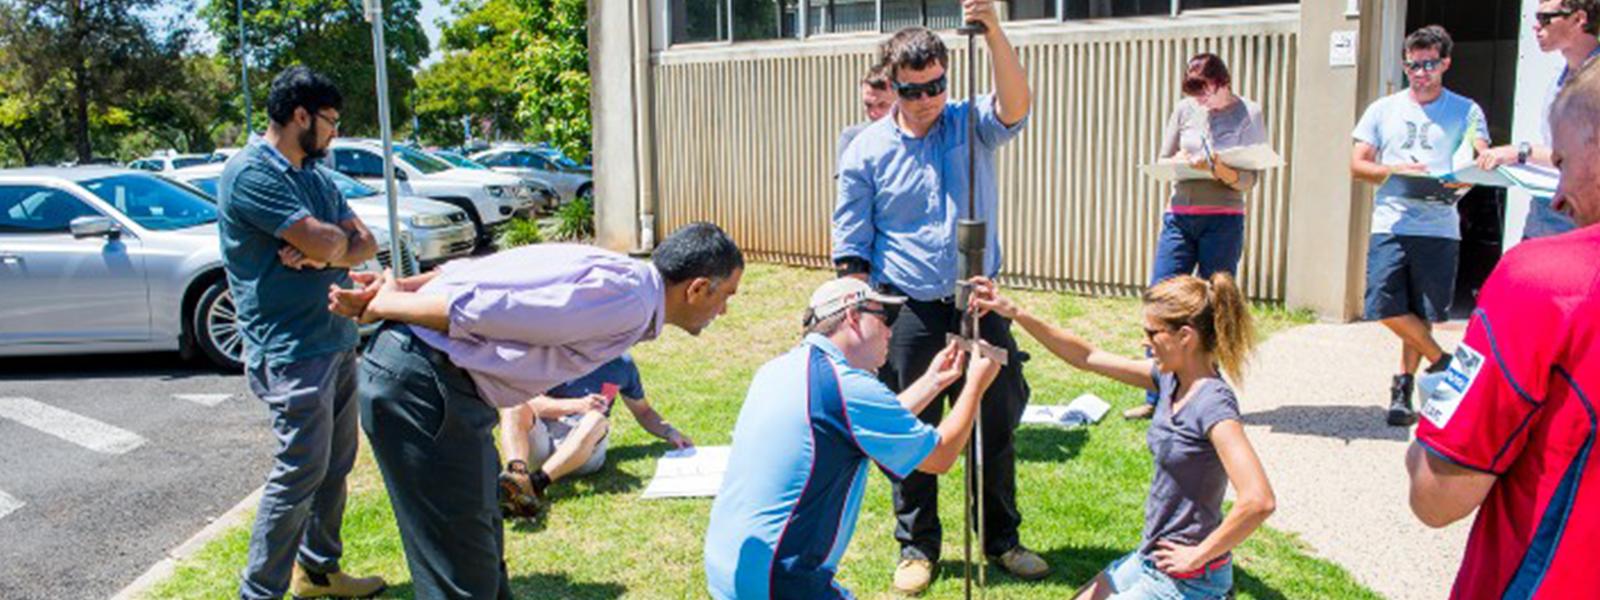 Students doing residential school activities